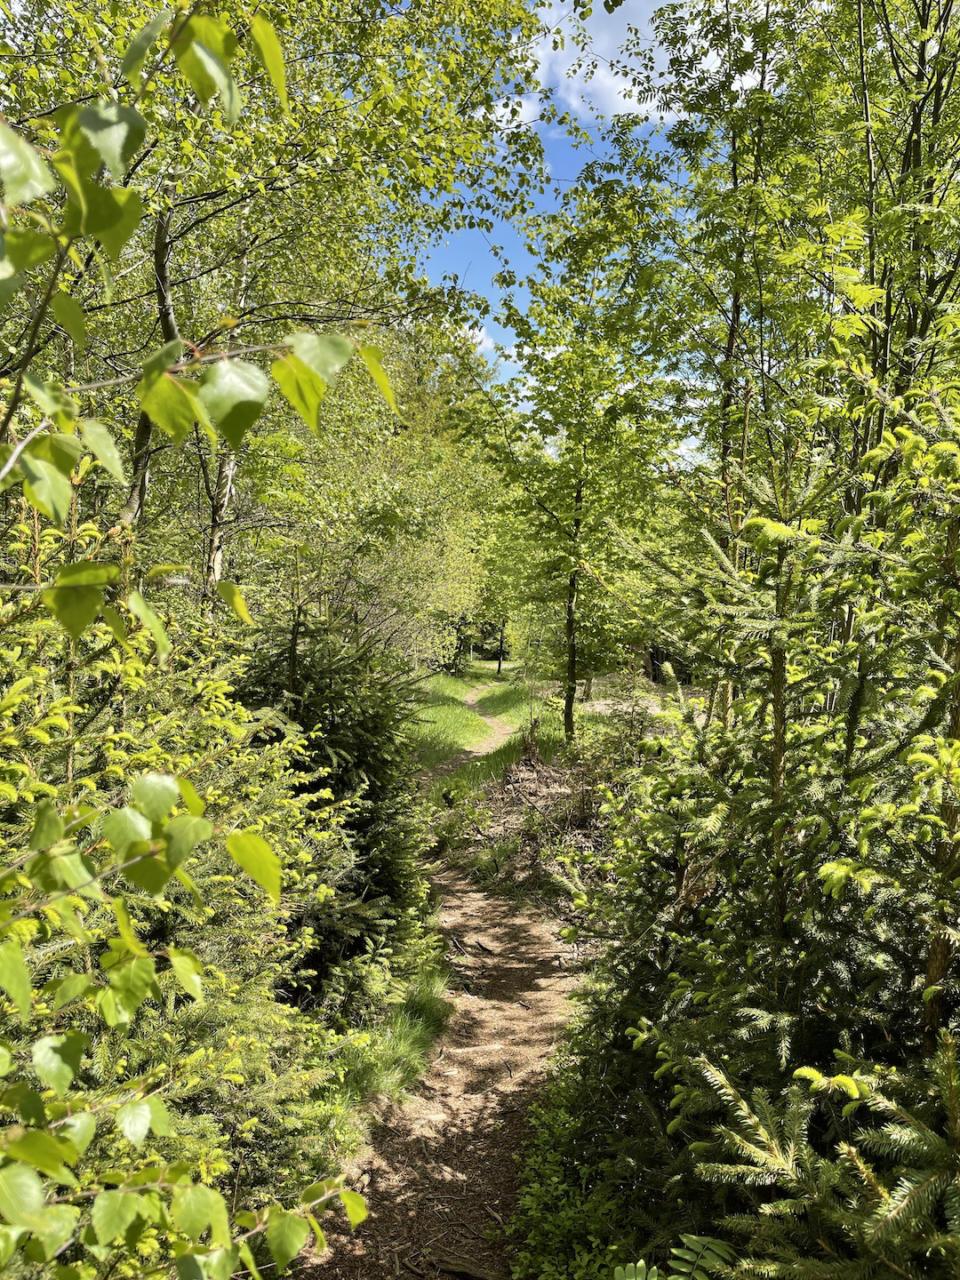 Waldpfad im Frühling auf dem Runderwanderweg 1 zum Großen Waldstein